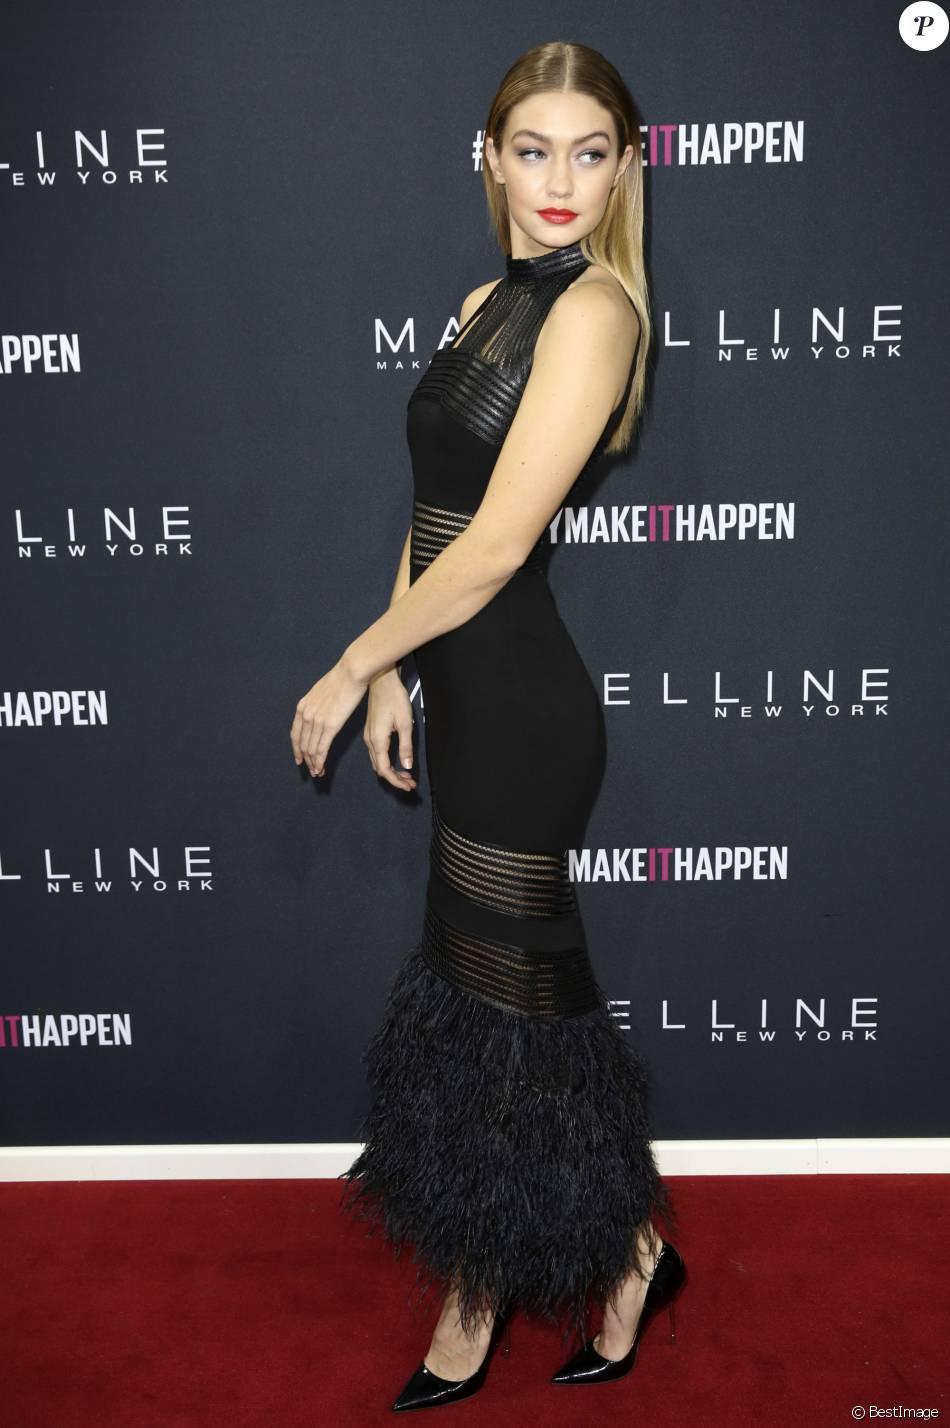 Gigi Hadid - People au défilé Maybelline pendant la Mercedes-Benz fashion week de Berlin le 18 janvier 2016